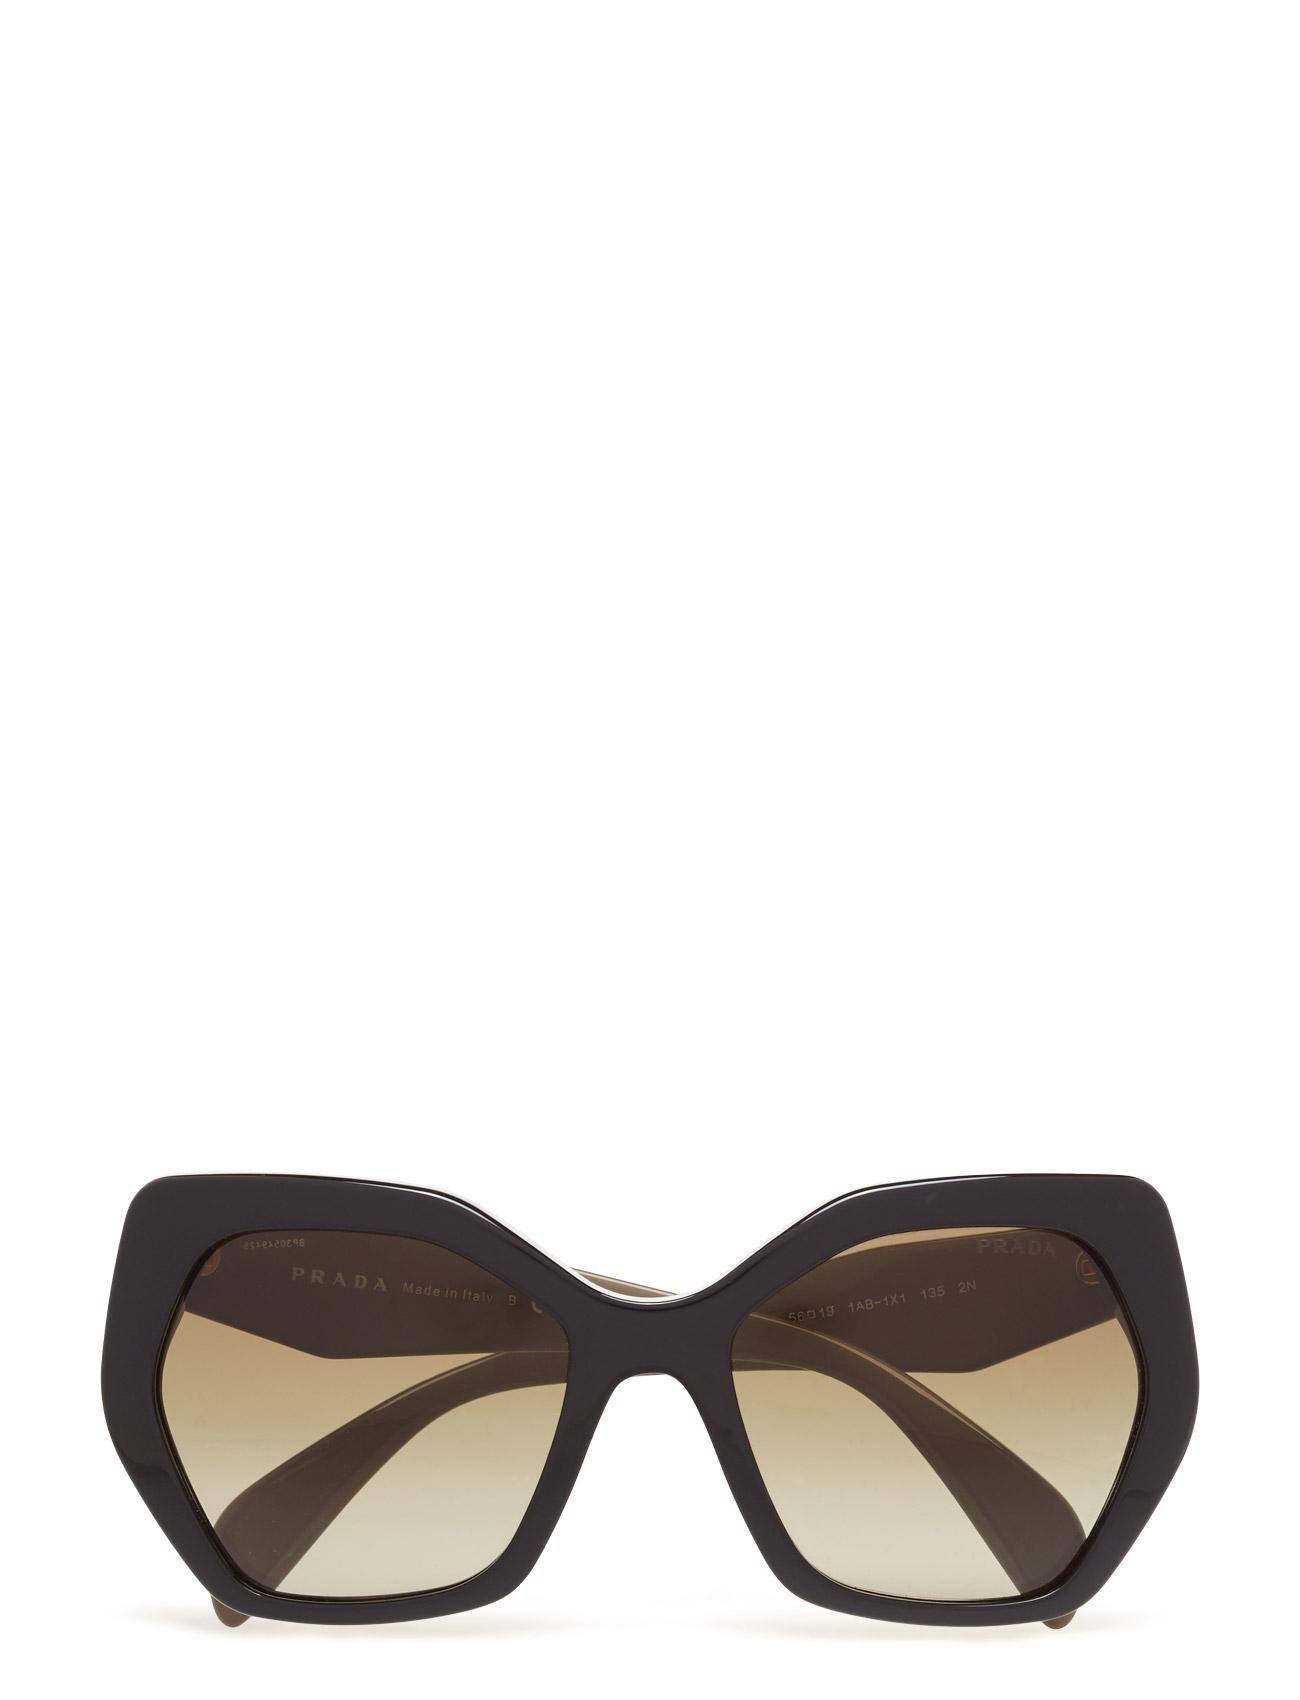 Square Prada Sunglasses Solbriller til Kvinder i Sort